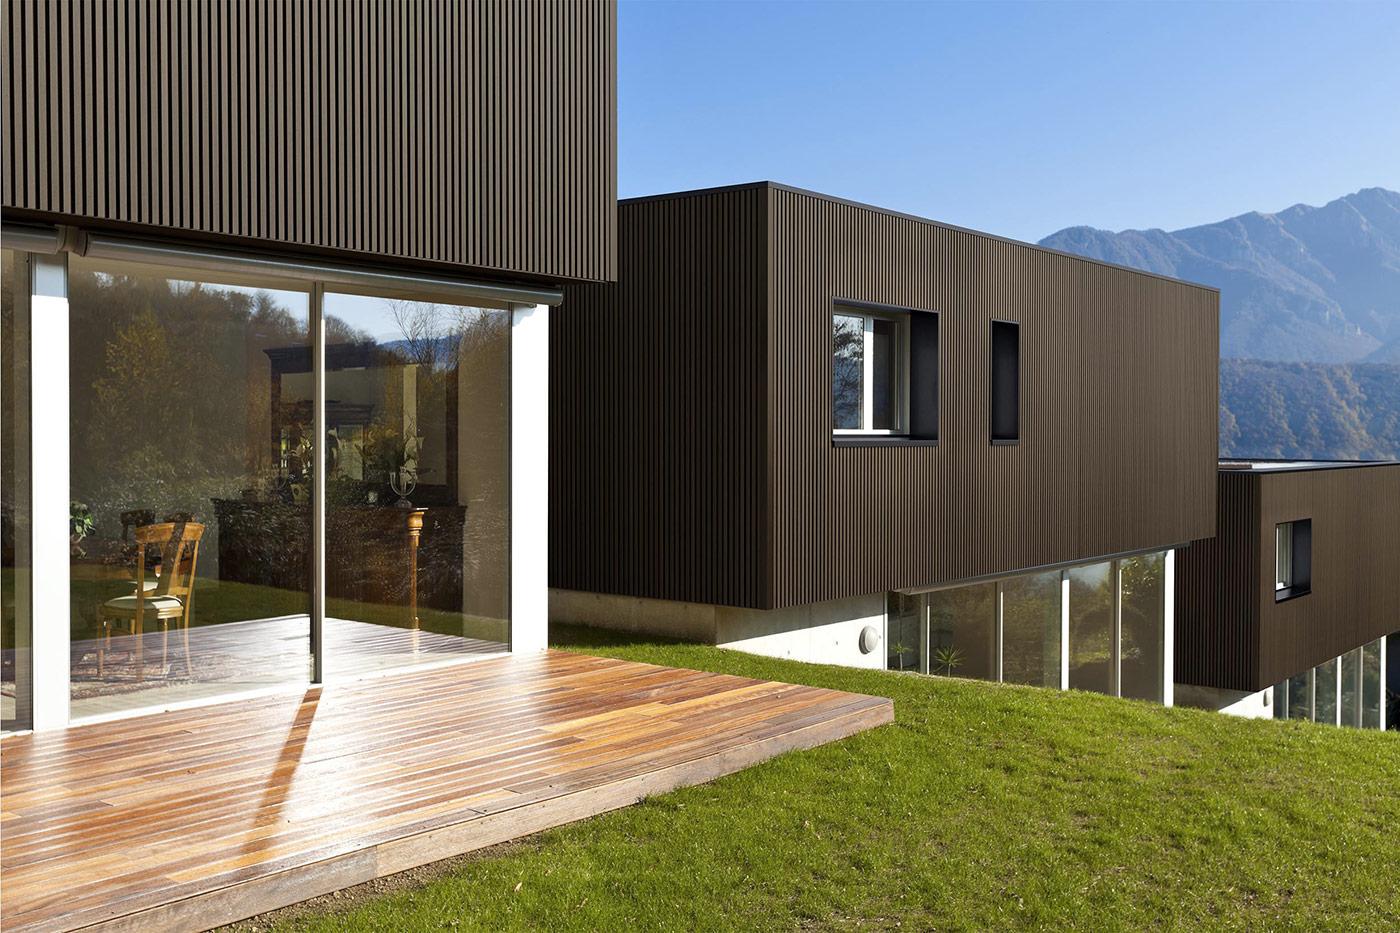 bardage weo de fiberdeck bardage bois faux claire voie composite co extrud garanti 15 ans. Black Bedroom Furniture Sets. Home Design Ideas